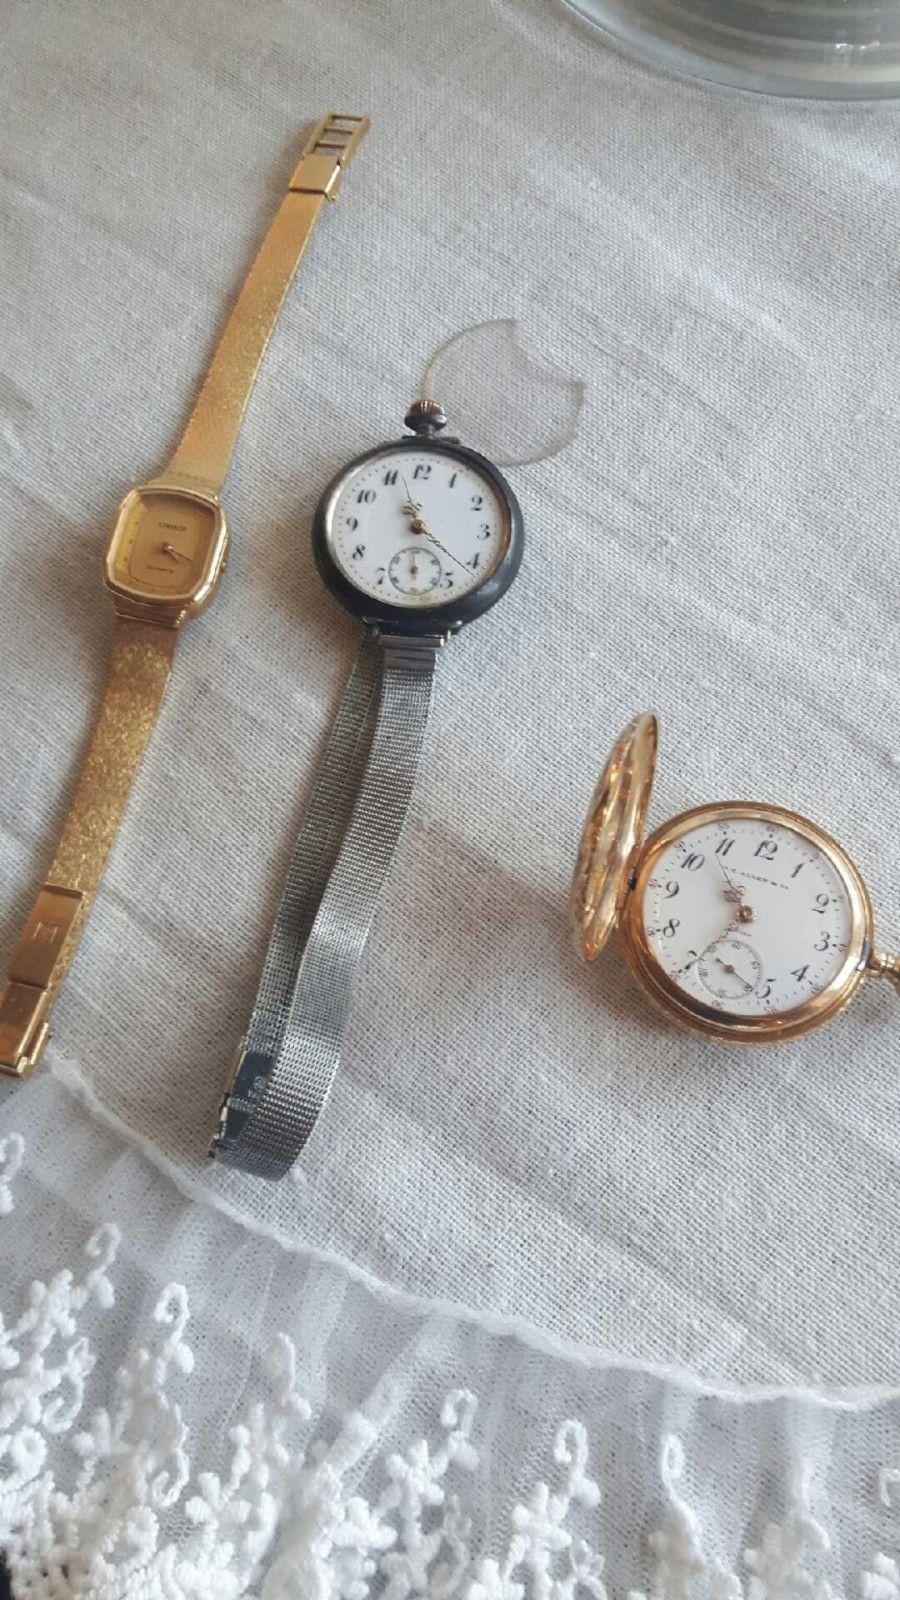 """Klokker/ur - Oslo  - 3 kvinneklokker/ur. Den i midten har litt skade nederst på glasset . """"Gullfargeuret"""" er typisk sykepleier ur de hadde rundt halsen i gamle dager. Selges samlet over kr 500 - Oslo"""